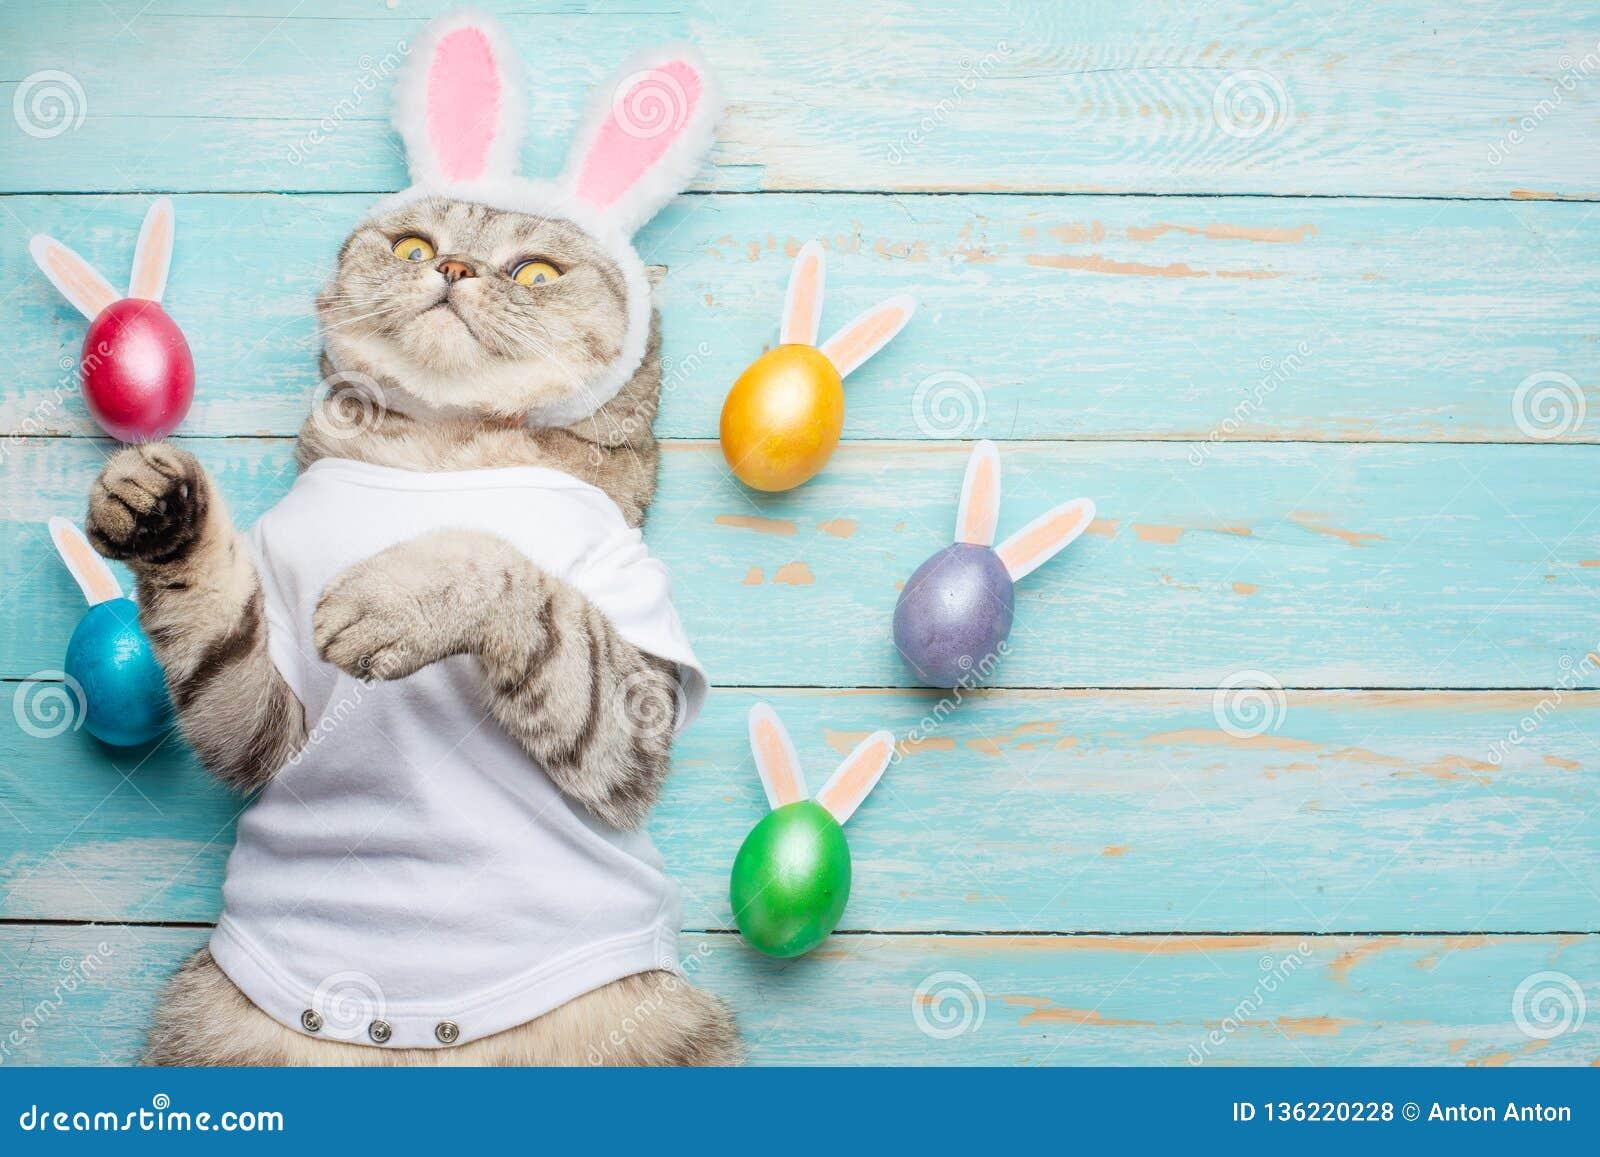 Le lapin de Pâques, le chat avec des oreilles de lapin et la Pâques ont coloré avec des oeufs et des oreilles Pâques et vacances